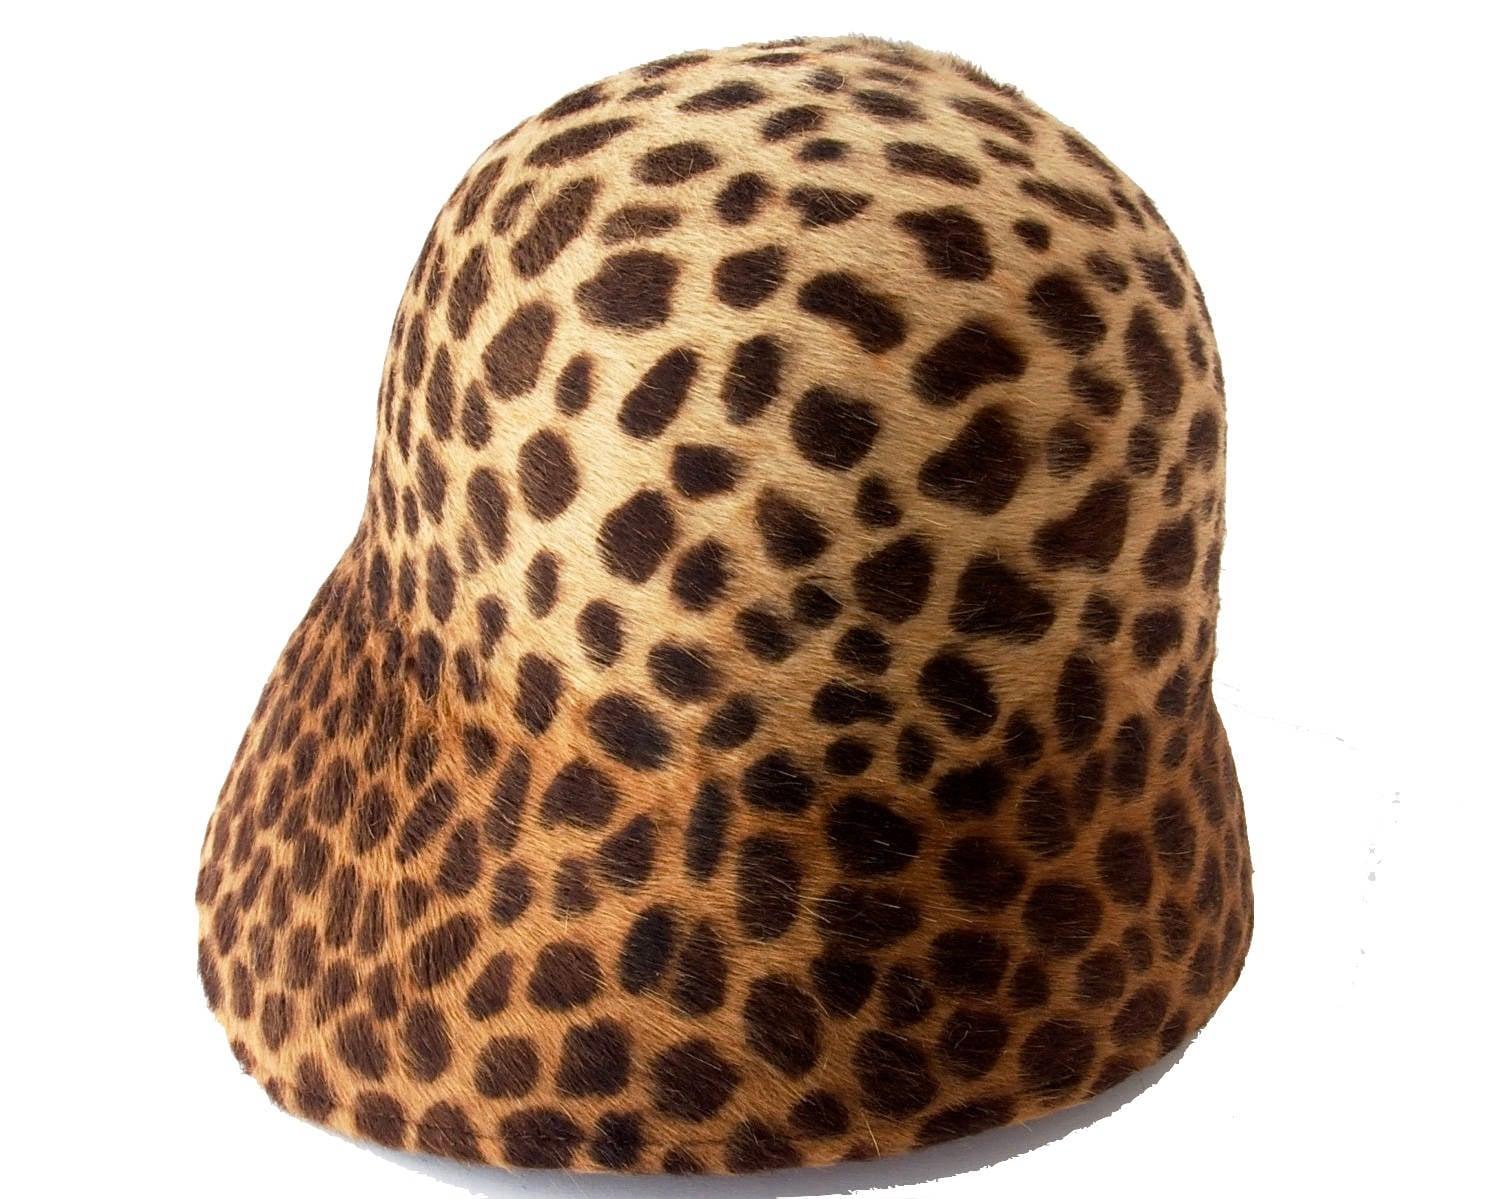 Leopard Print Cloche Hat Fall Fashion Winter Accessories